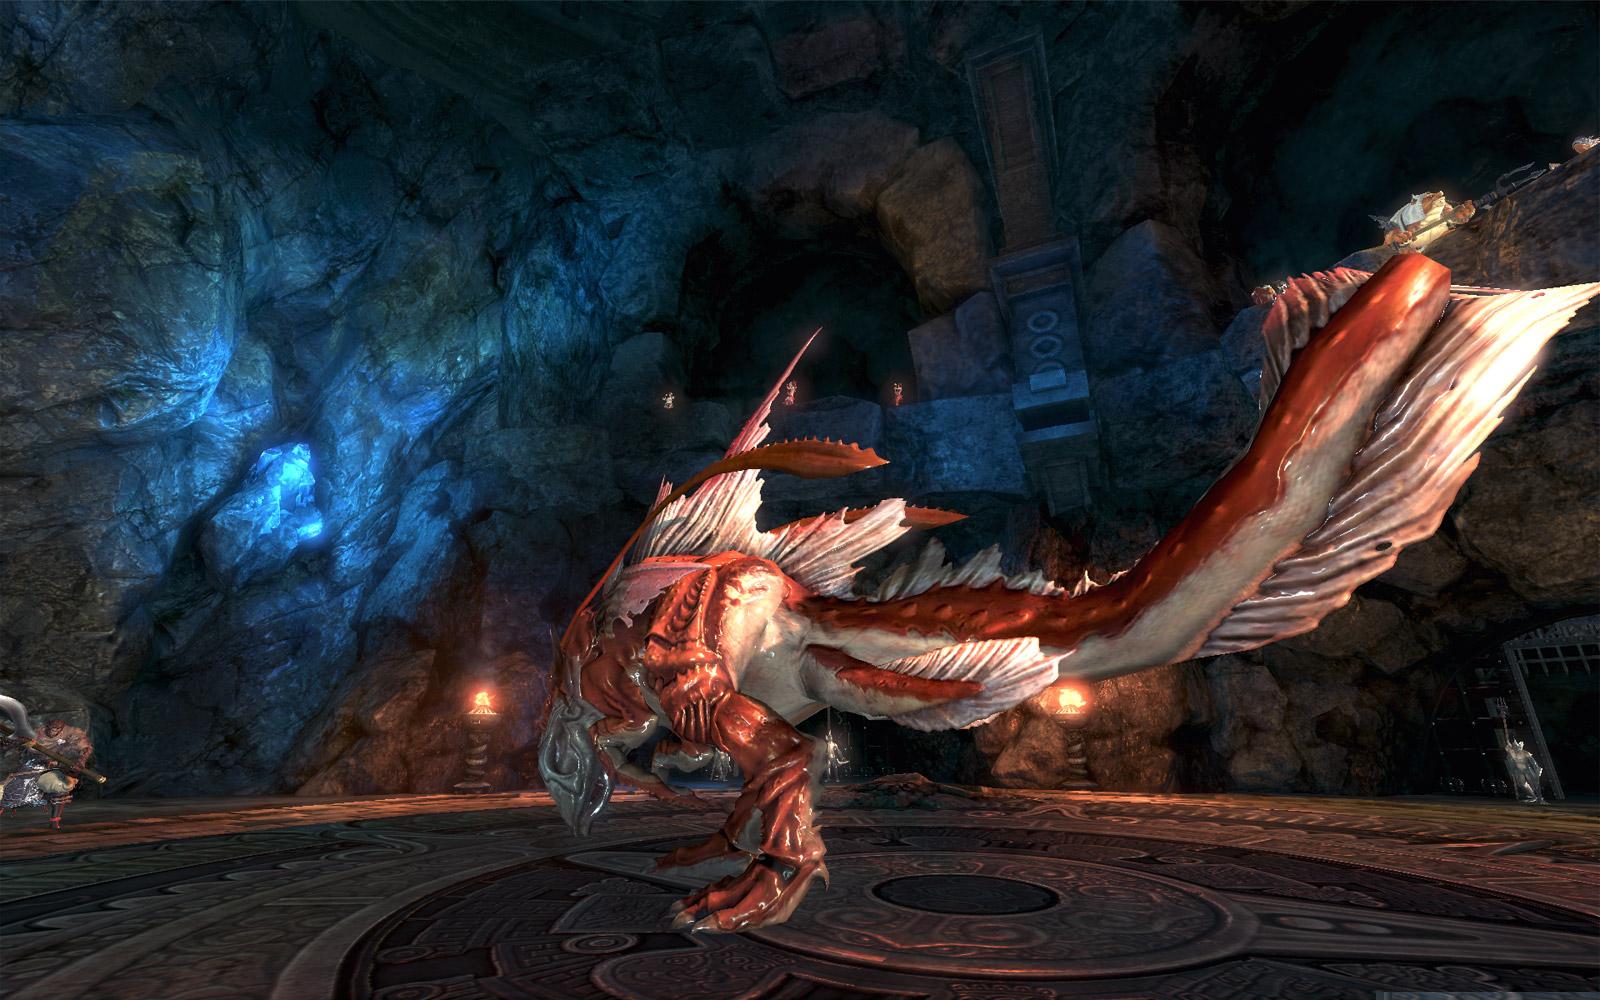 gallery_dungeon2.jpg